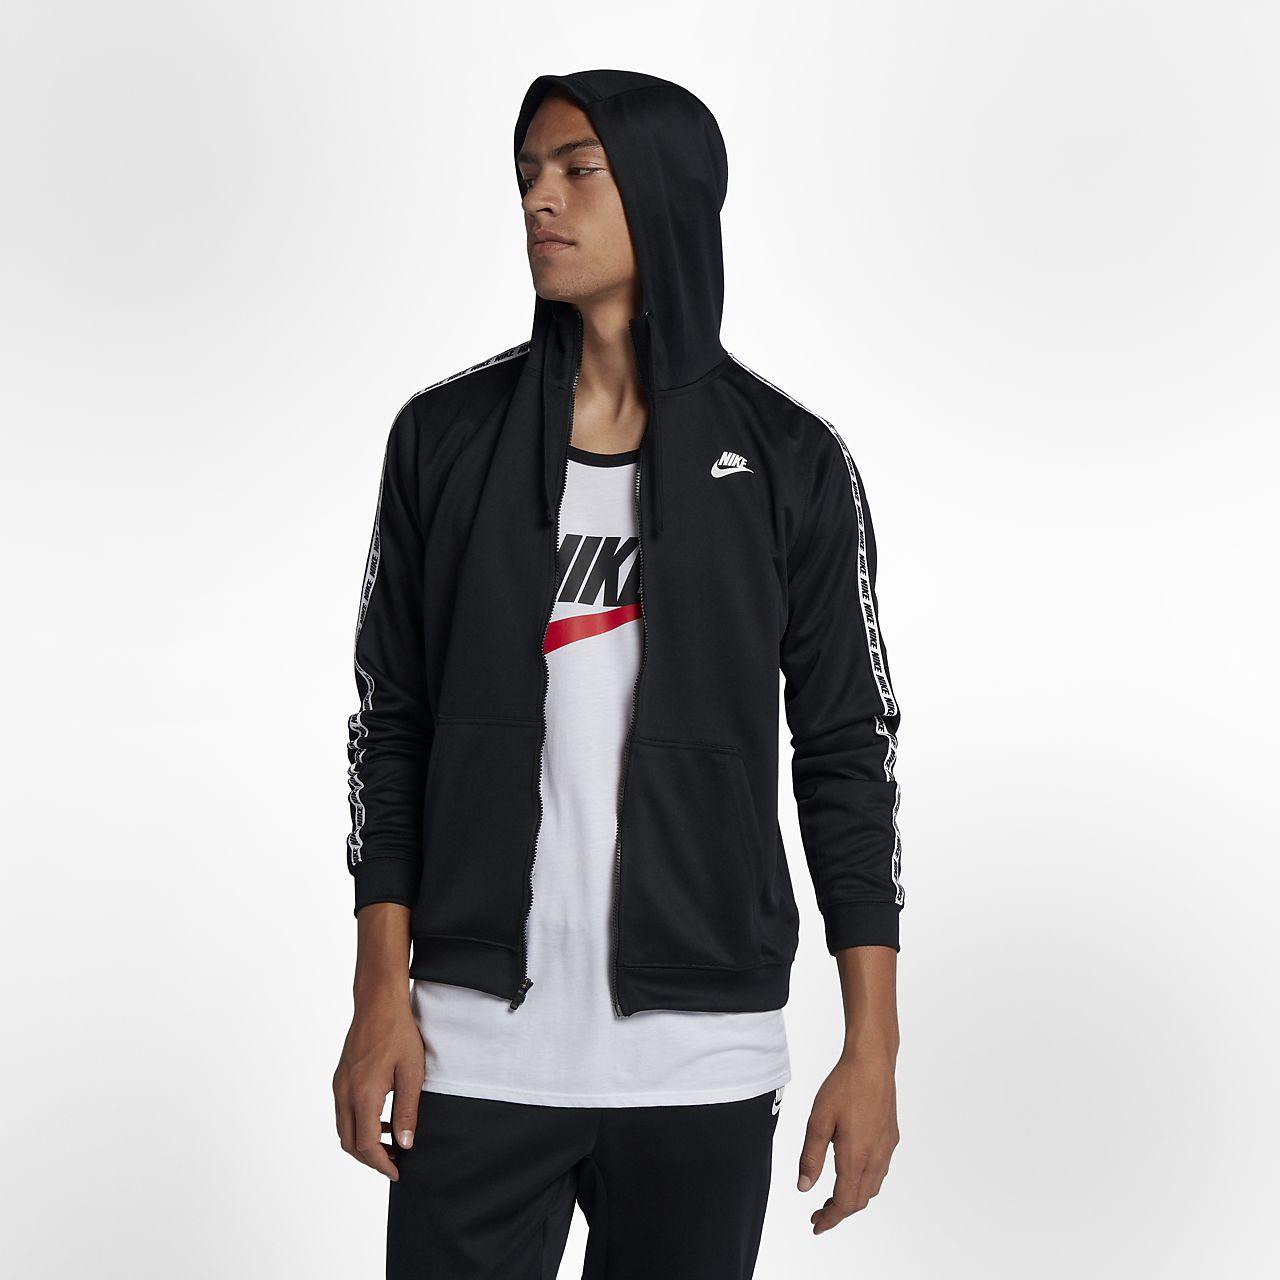 Hoodie Heren Met Rits.Nike Sportswear Hoodie Met Rits Heren Nike Com Nl